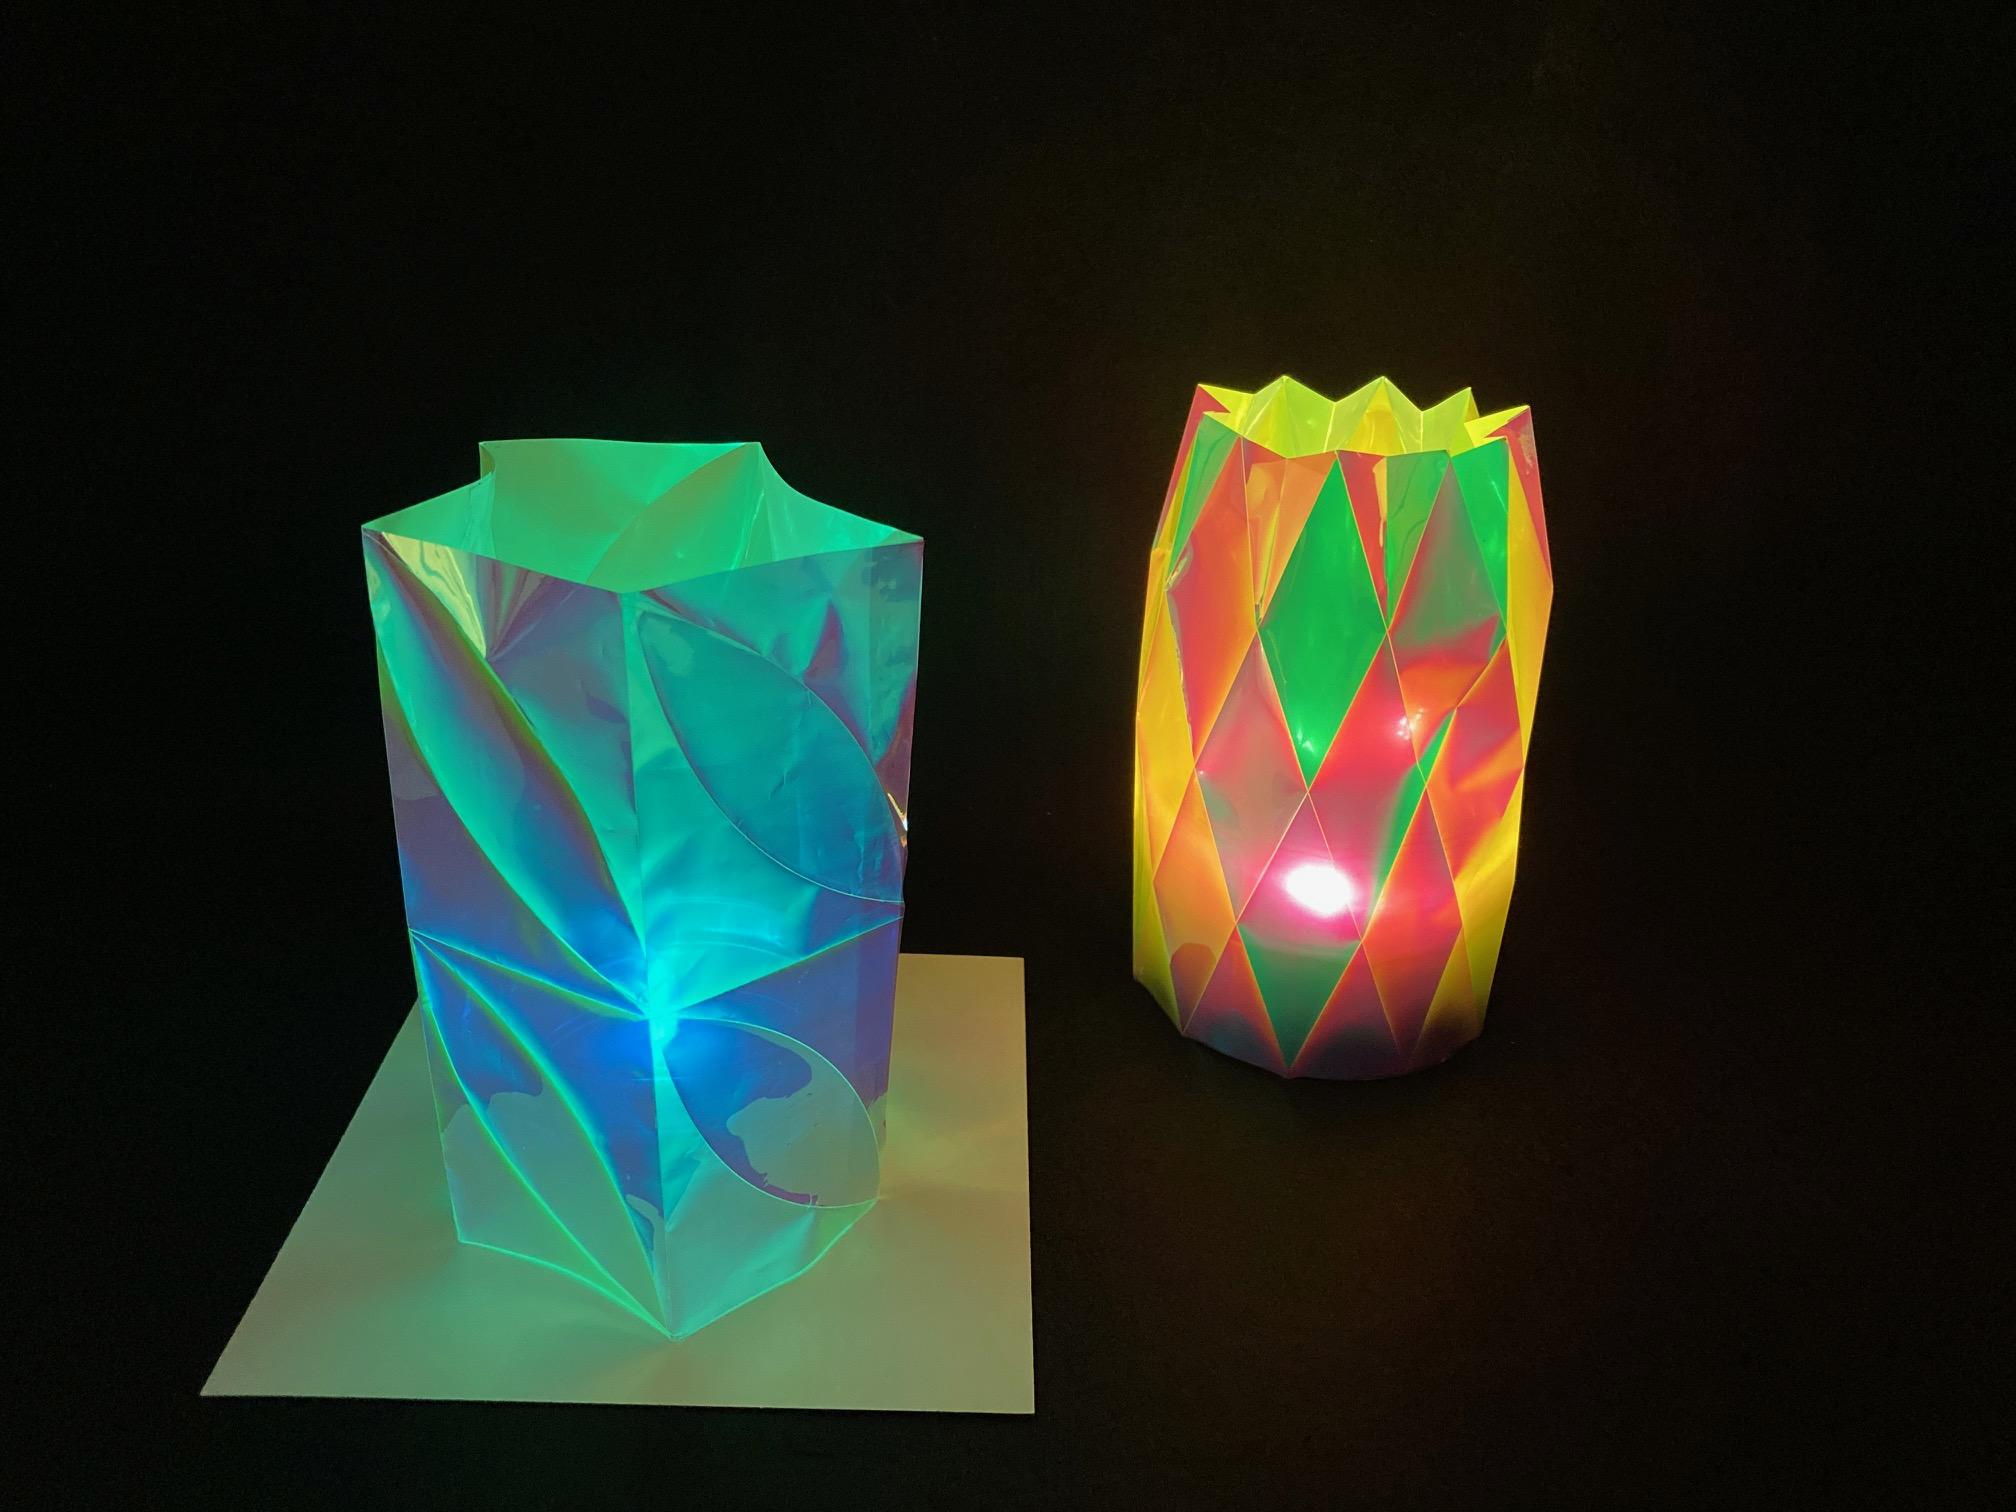 オリエステルおりがみⓇで作る立体ホログラムアートのメイン画像